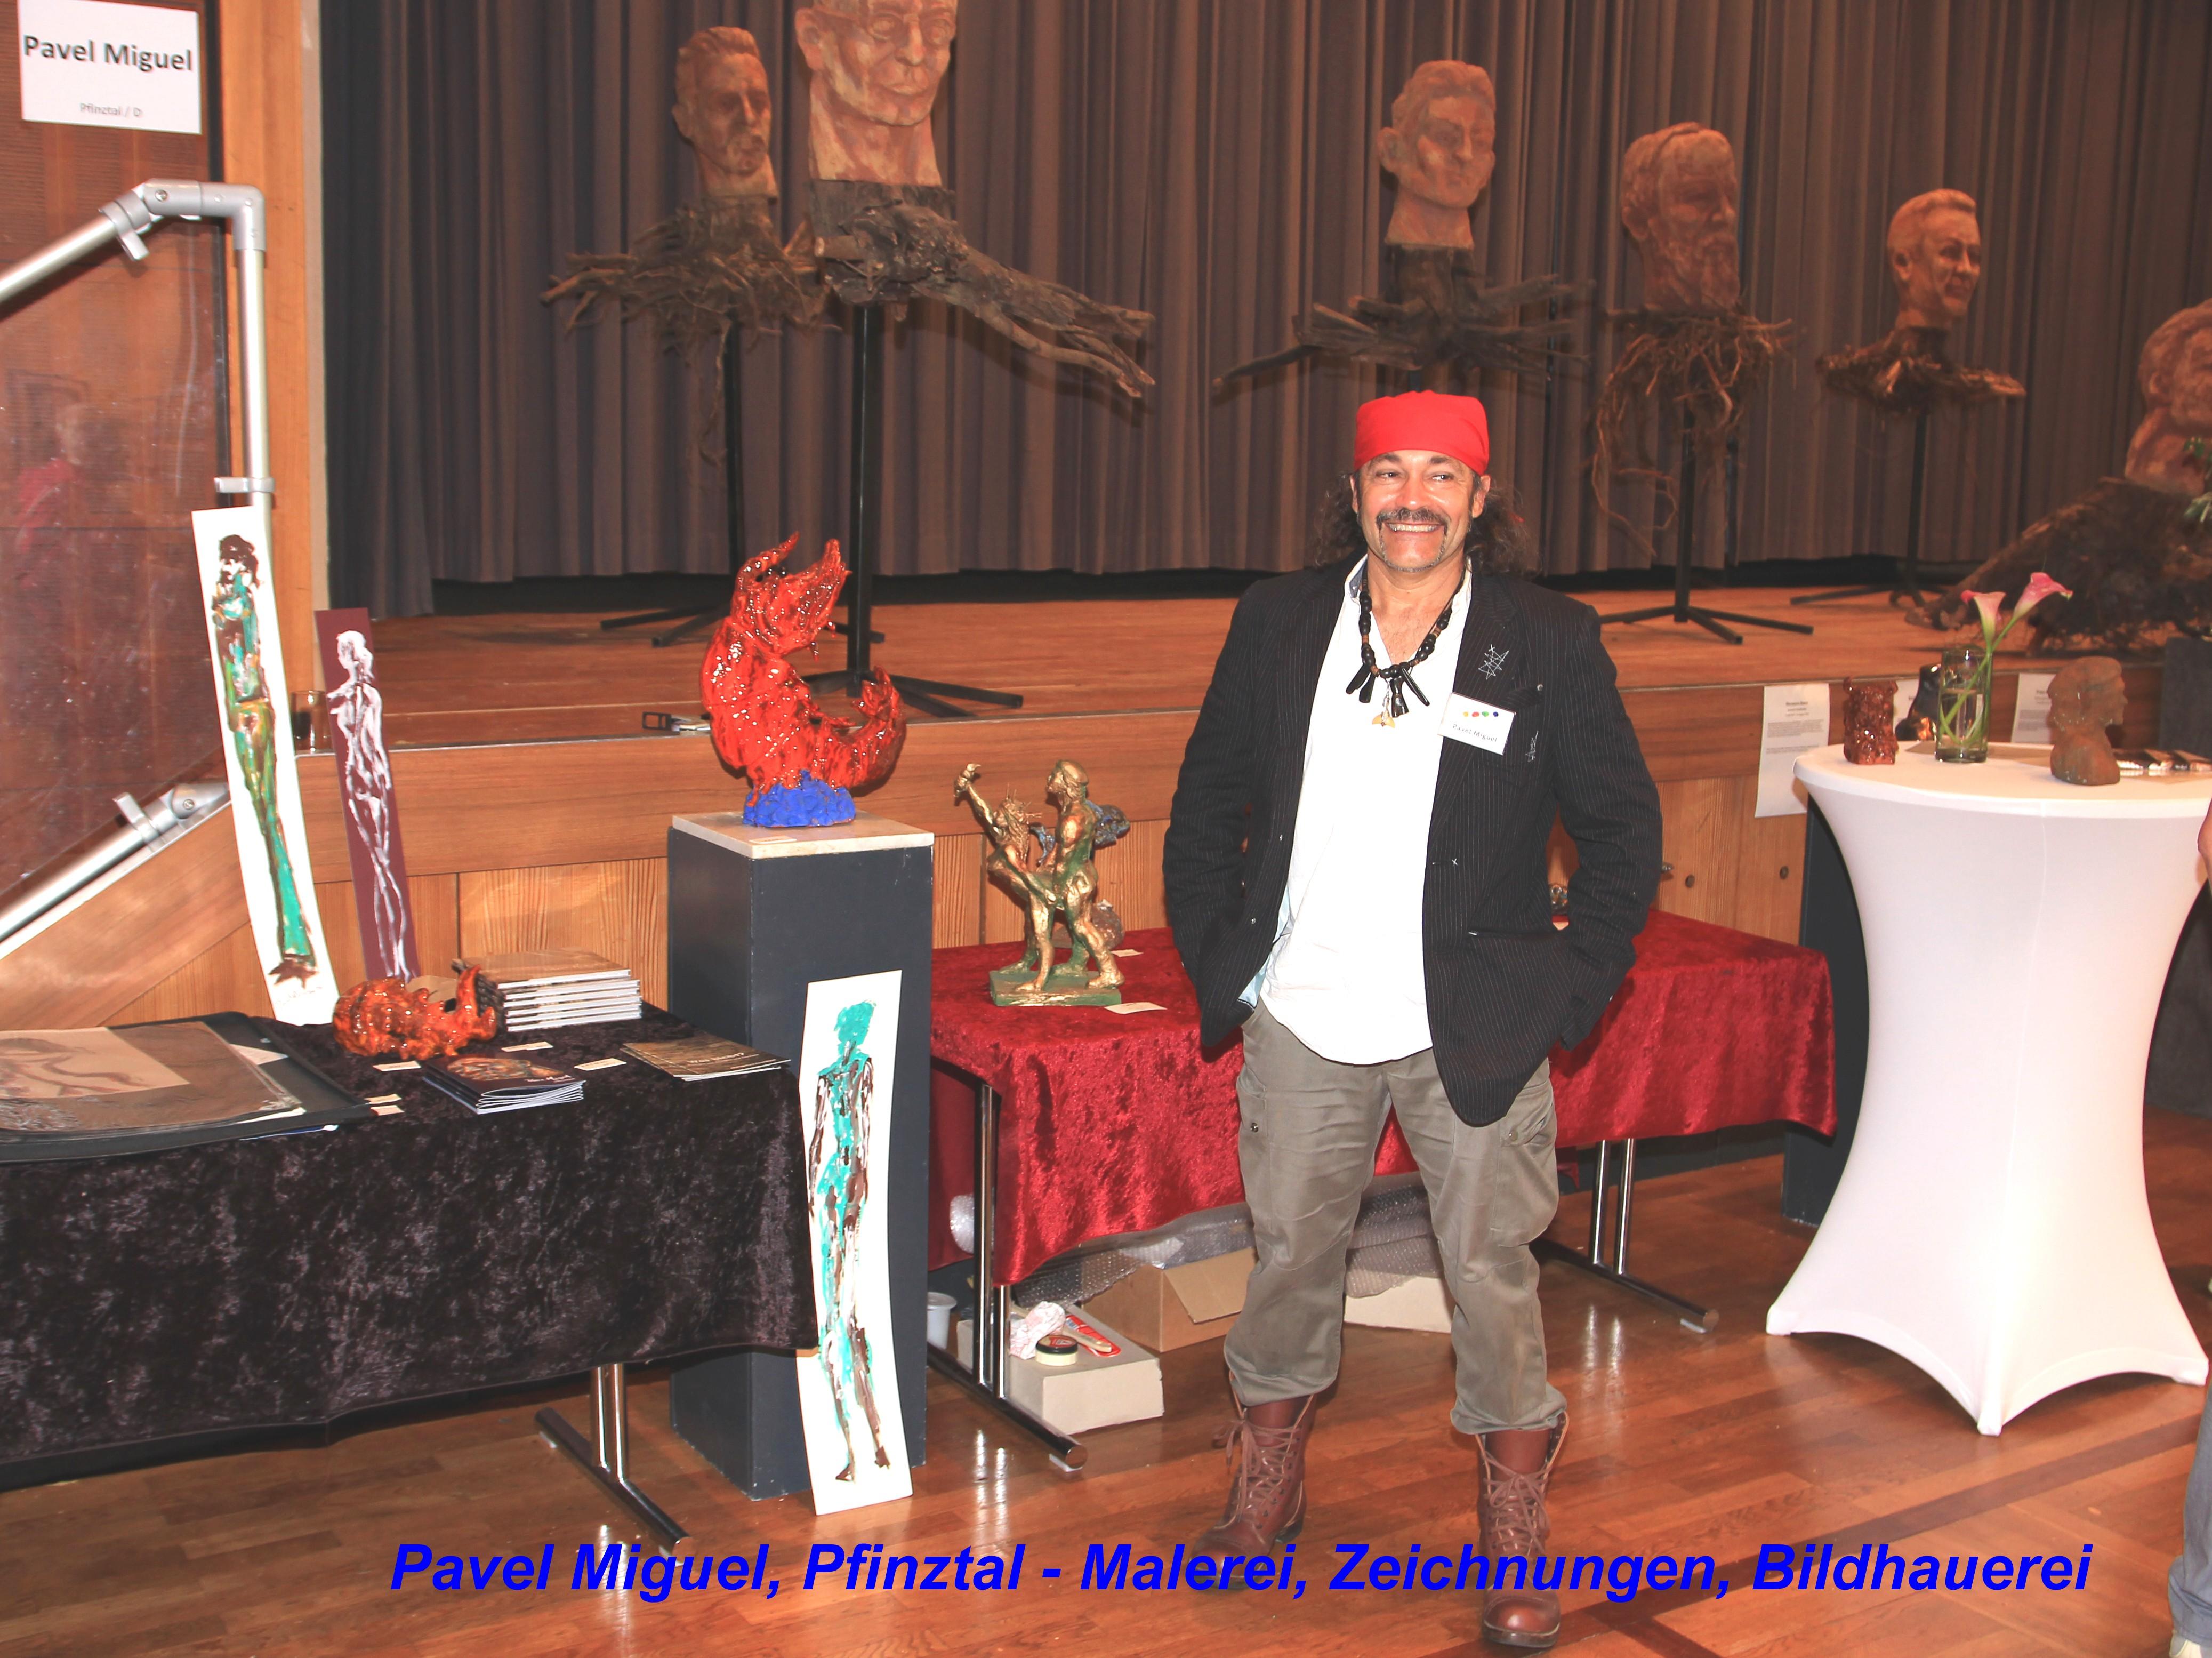 Pavel Miguel, Pfinztal - Malerei, Zeichnungen, Bildhauerei